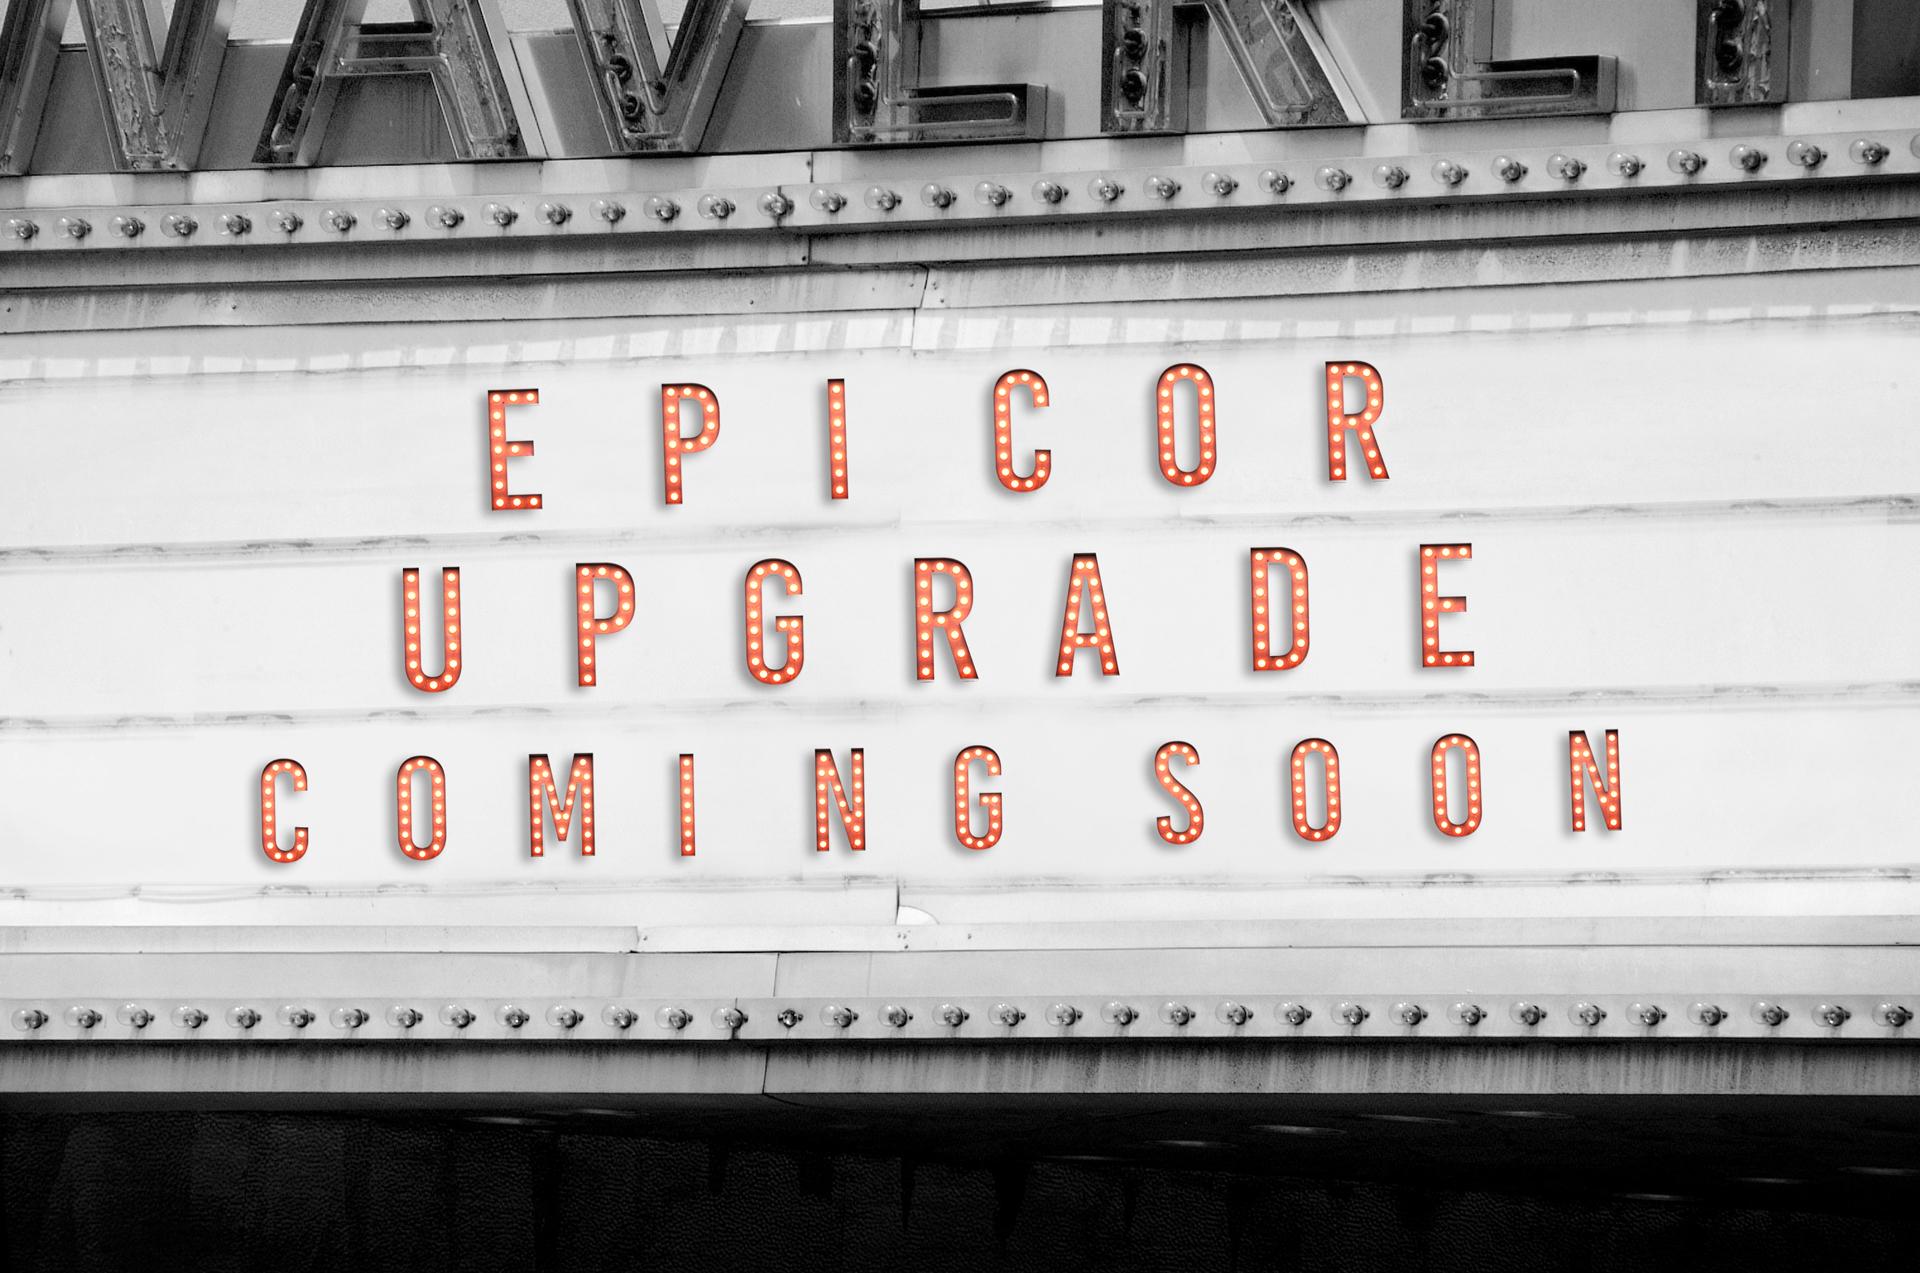 Upgrading to Epicor 10: Epicor ERP Upgrade